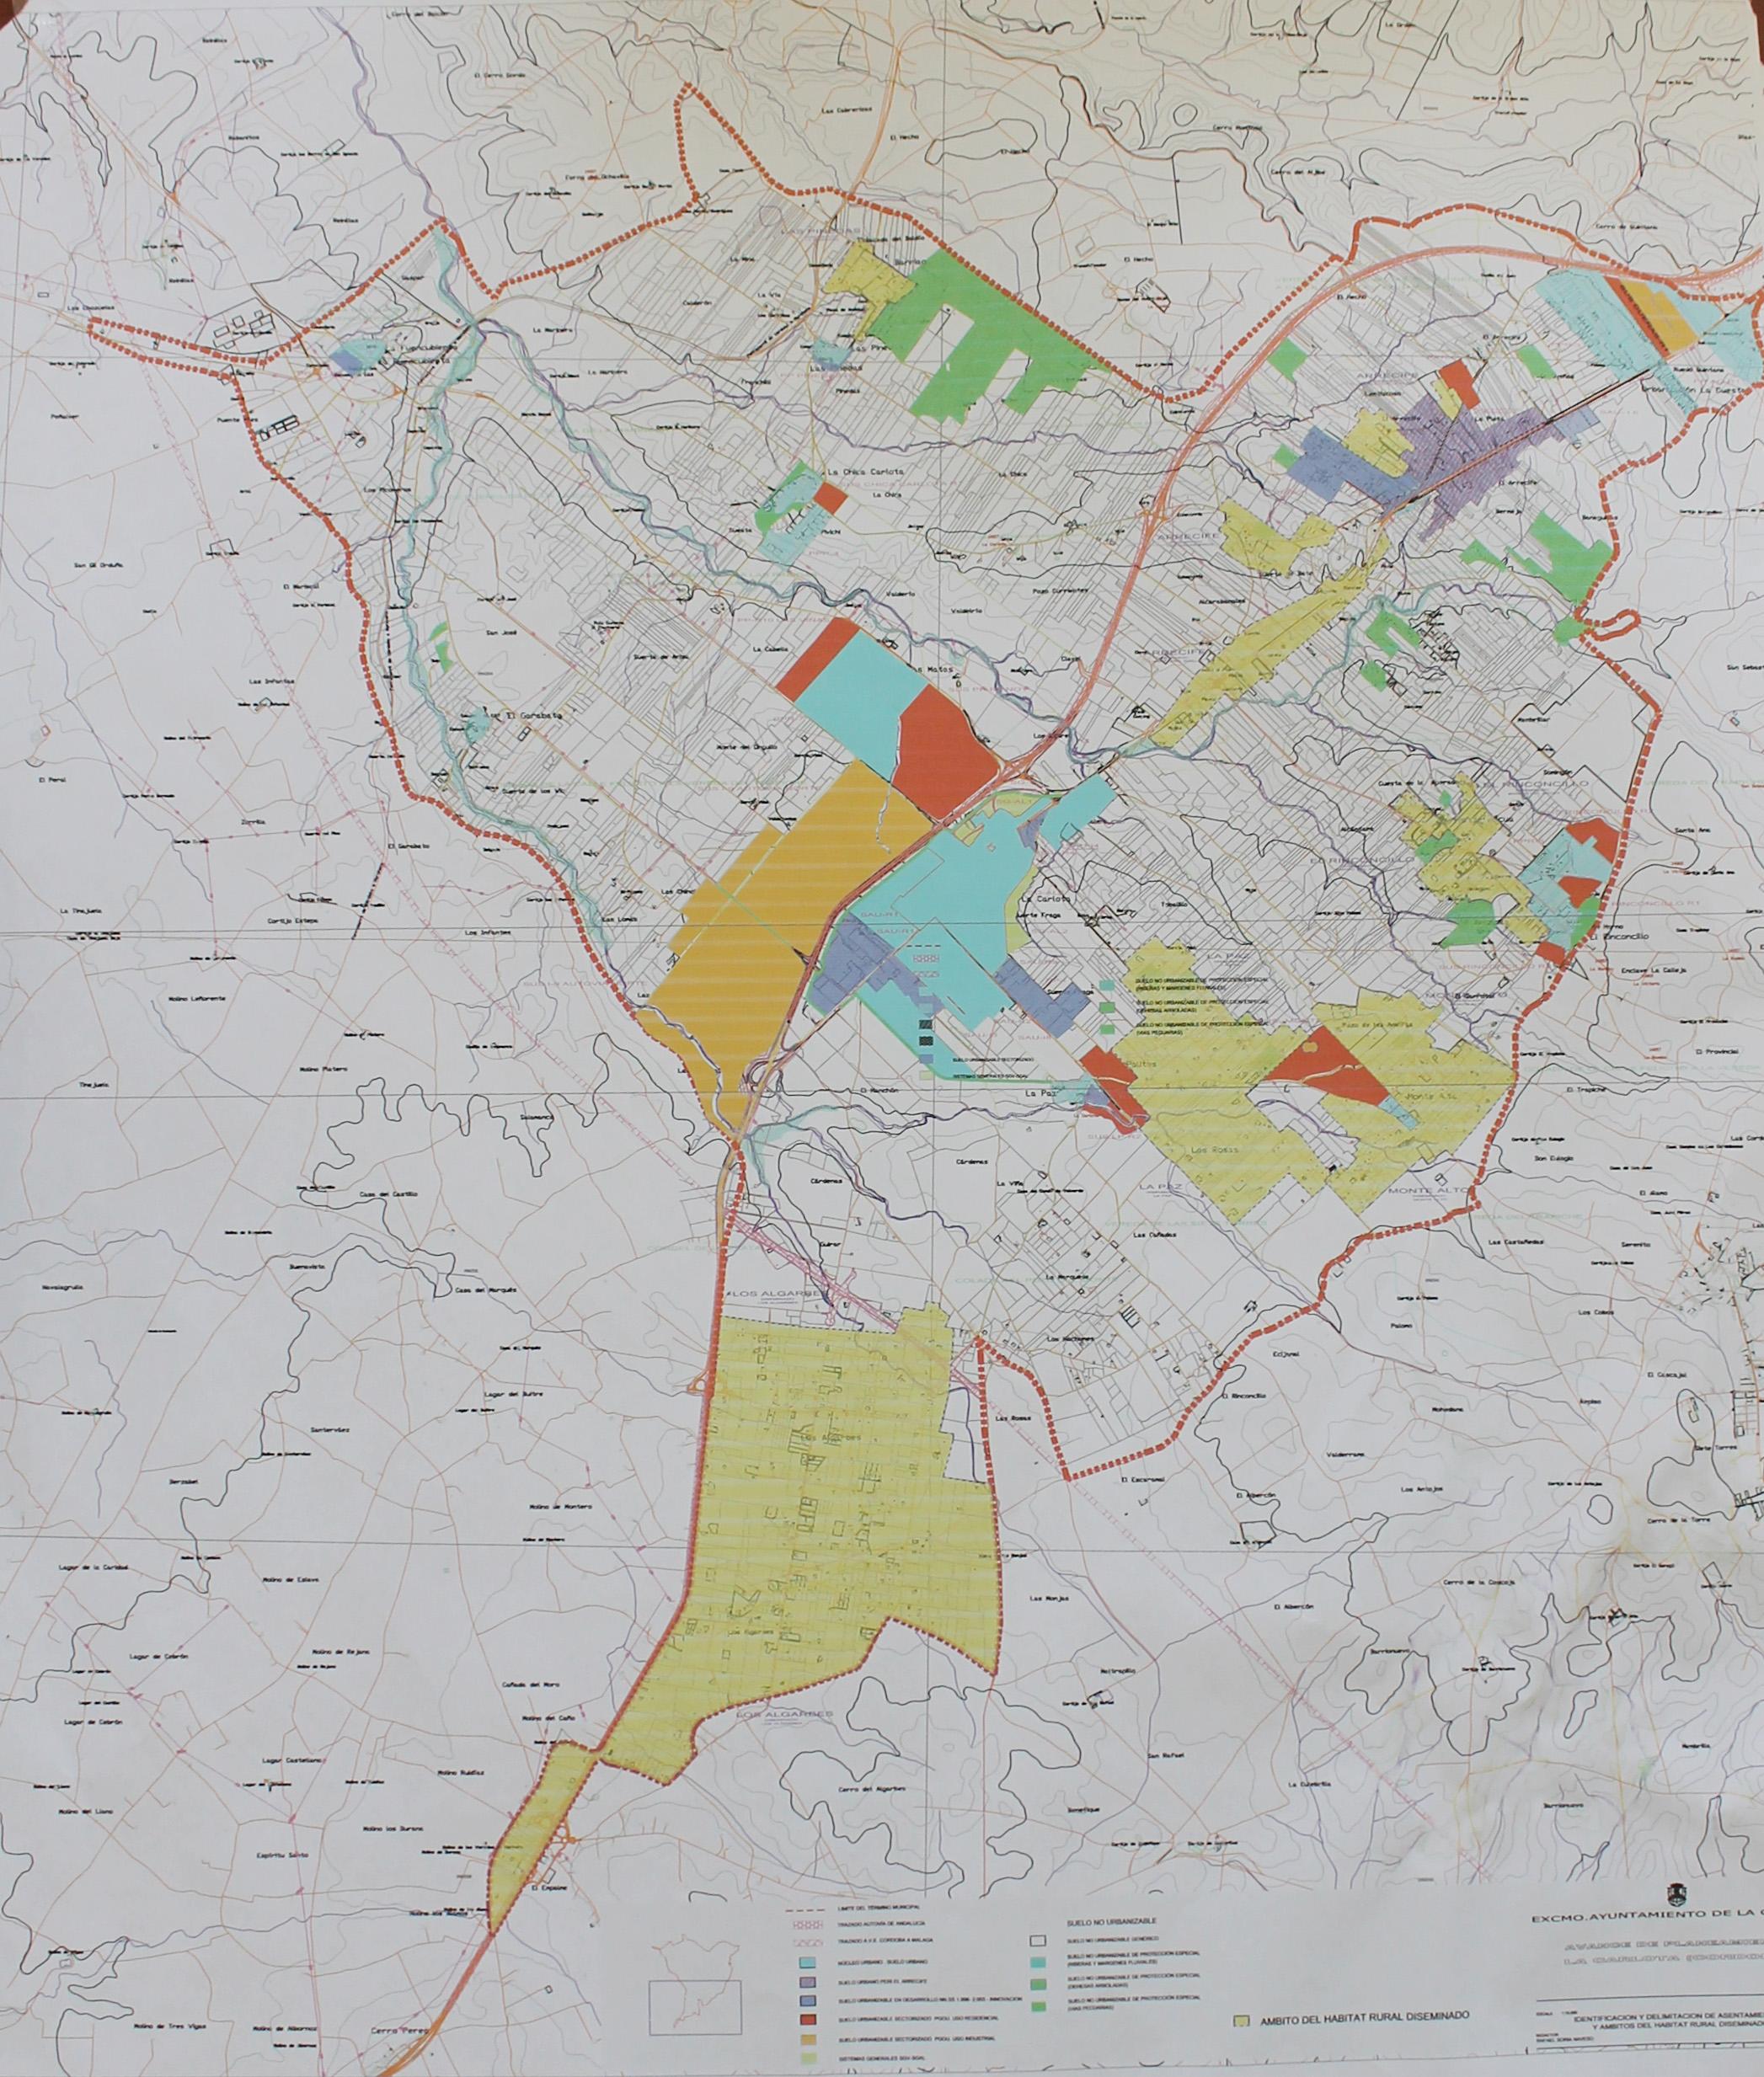 Se aprueba el comienzo de una innovación del PGOU de La Carlota para reconocer los ámbitos del Hábitat Rural Diseminado del municipio 1